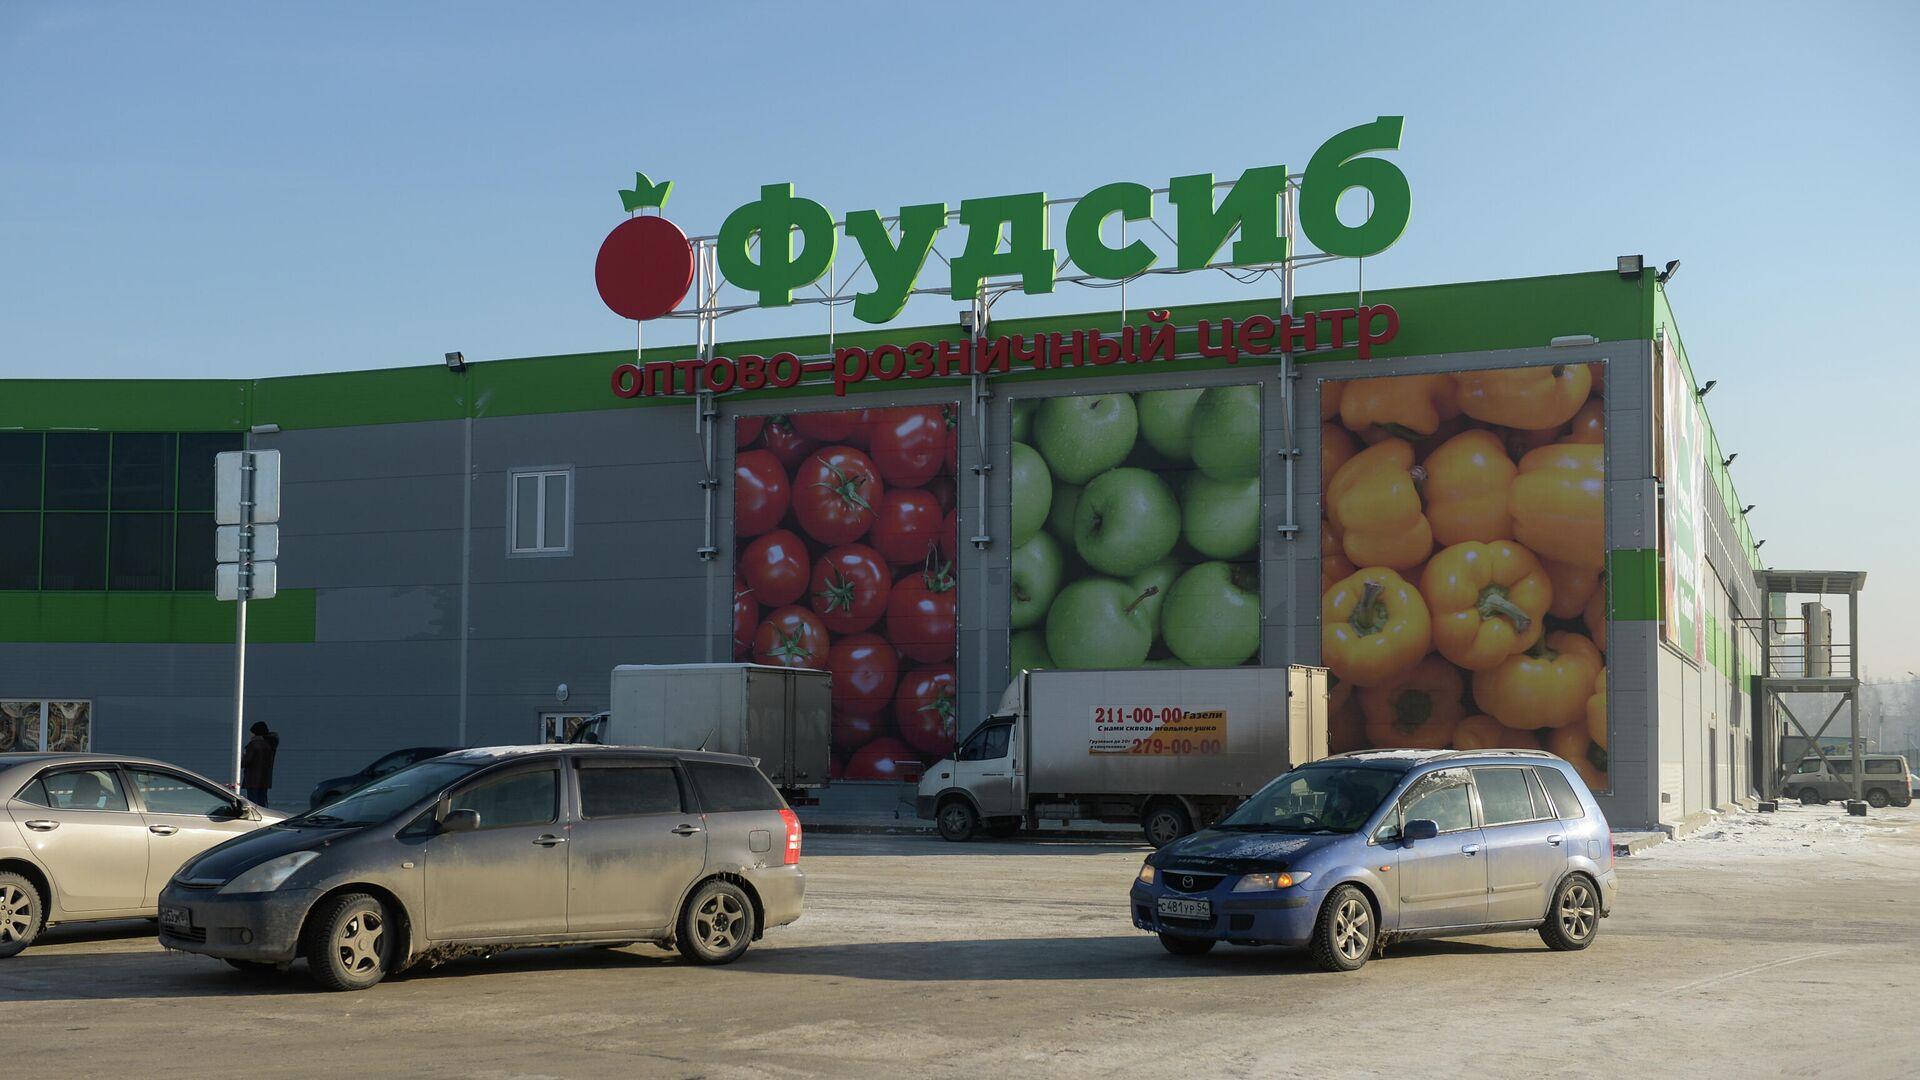 Правительство утвердило концепцию развития системы оптовых продовольственных рынков